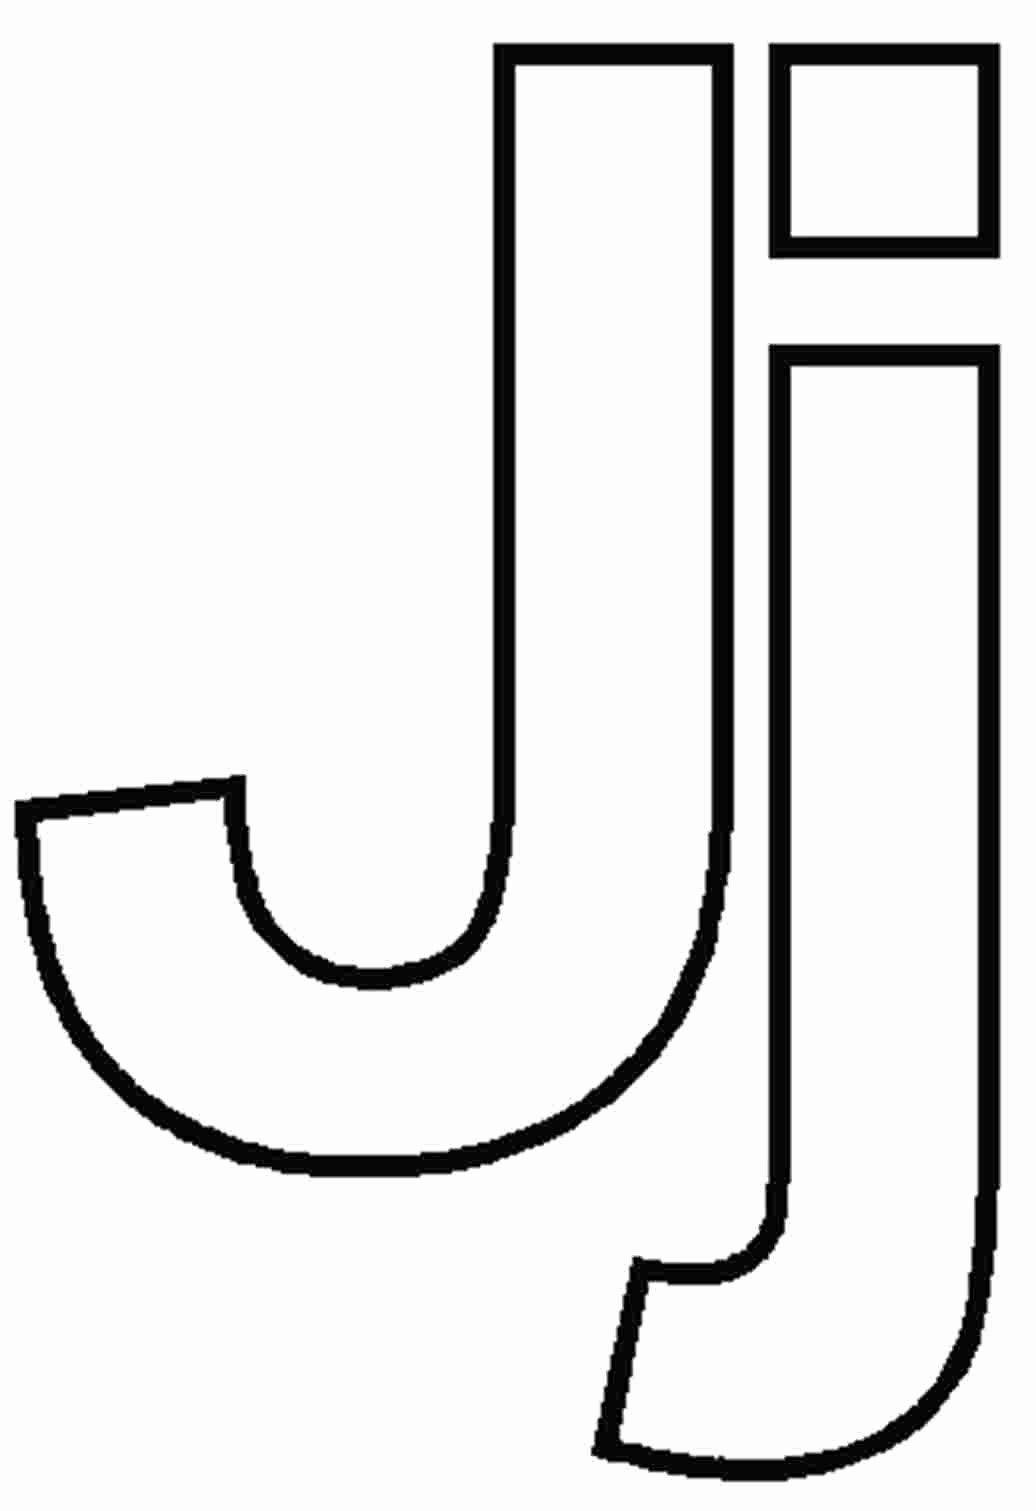 Letter J Coloring Page Lovely Letter J Printable Coloring Pages Letter J Coloring Pages To In 2020 Alphabet Coloring Pages Coloring Pages Free Printable Clip Art